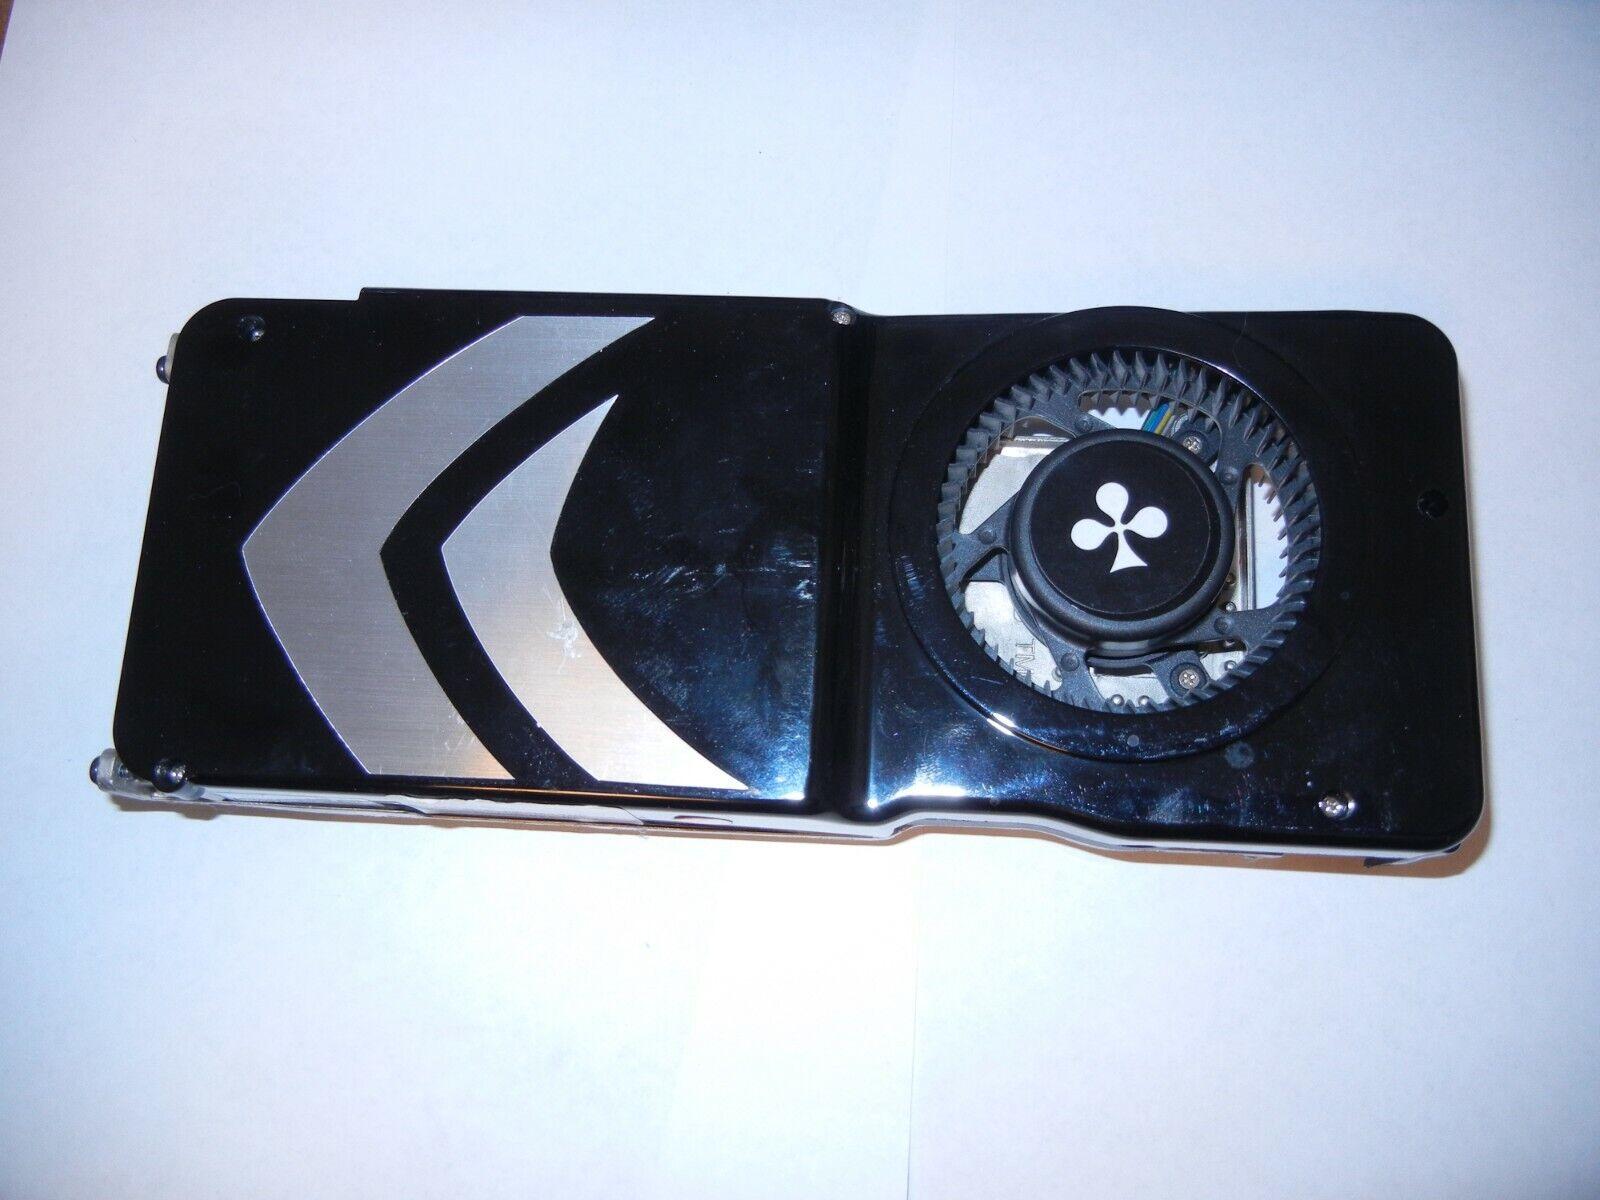 Kühlkörper für eine GeForce 8800 GTS Grafikkarte mit nur einem Stromanschluss